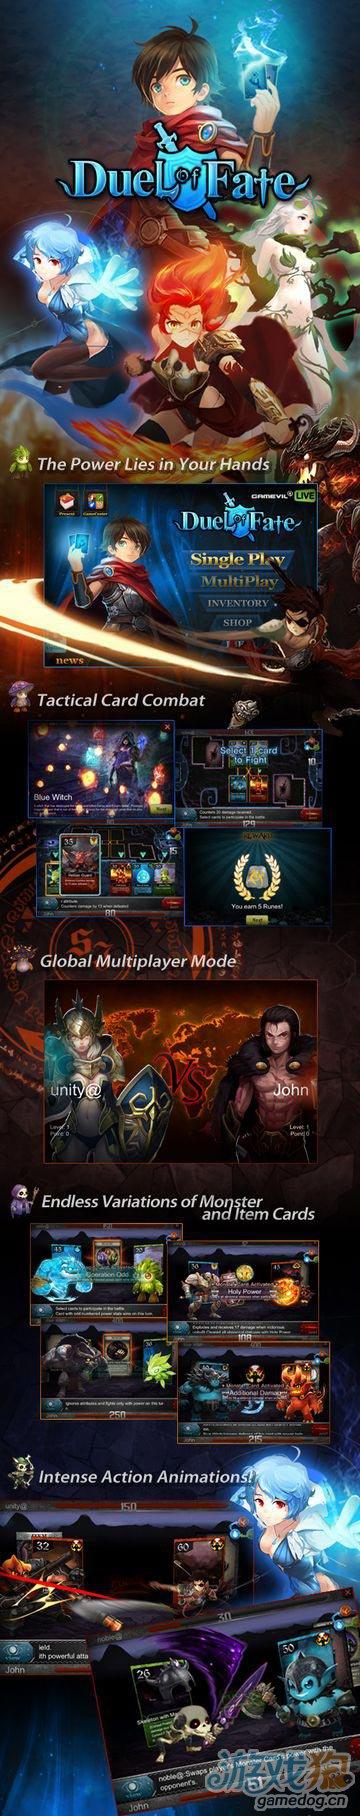 益智休卡片游戏《Duel of Fate》即将发布